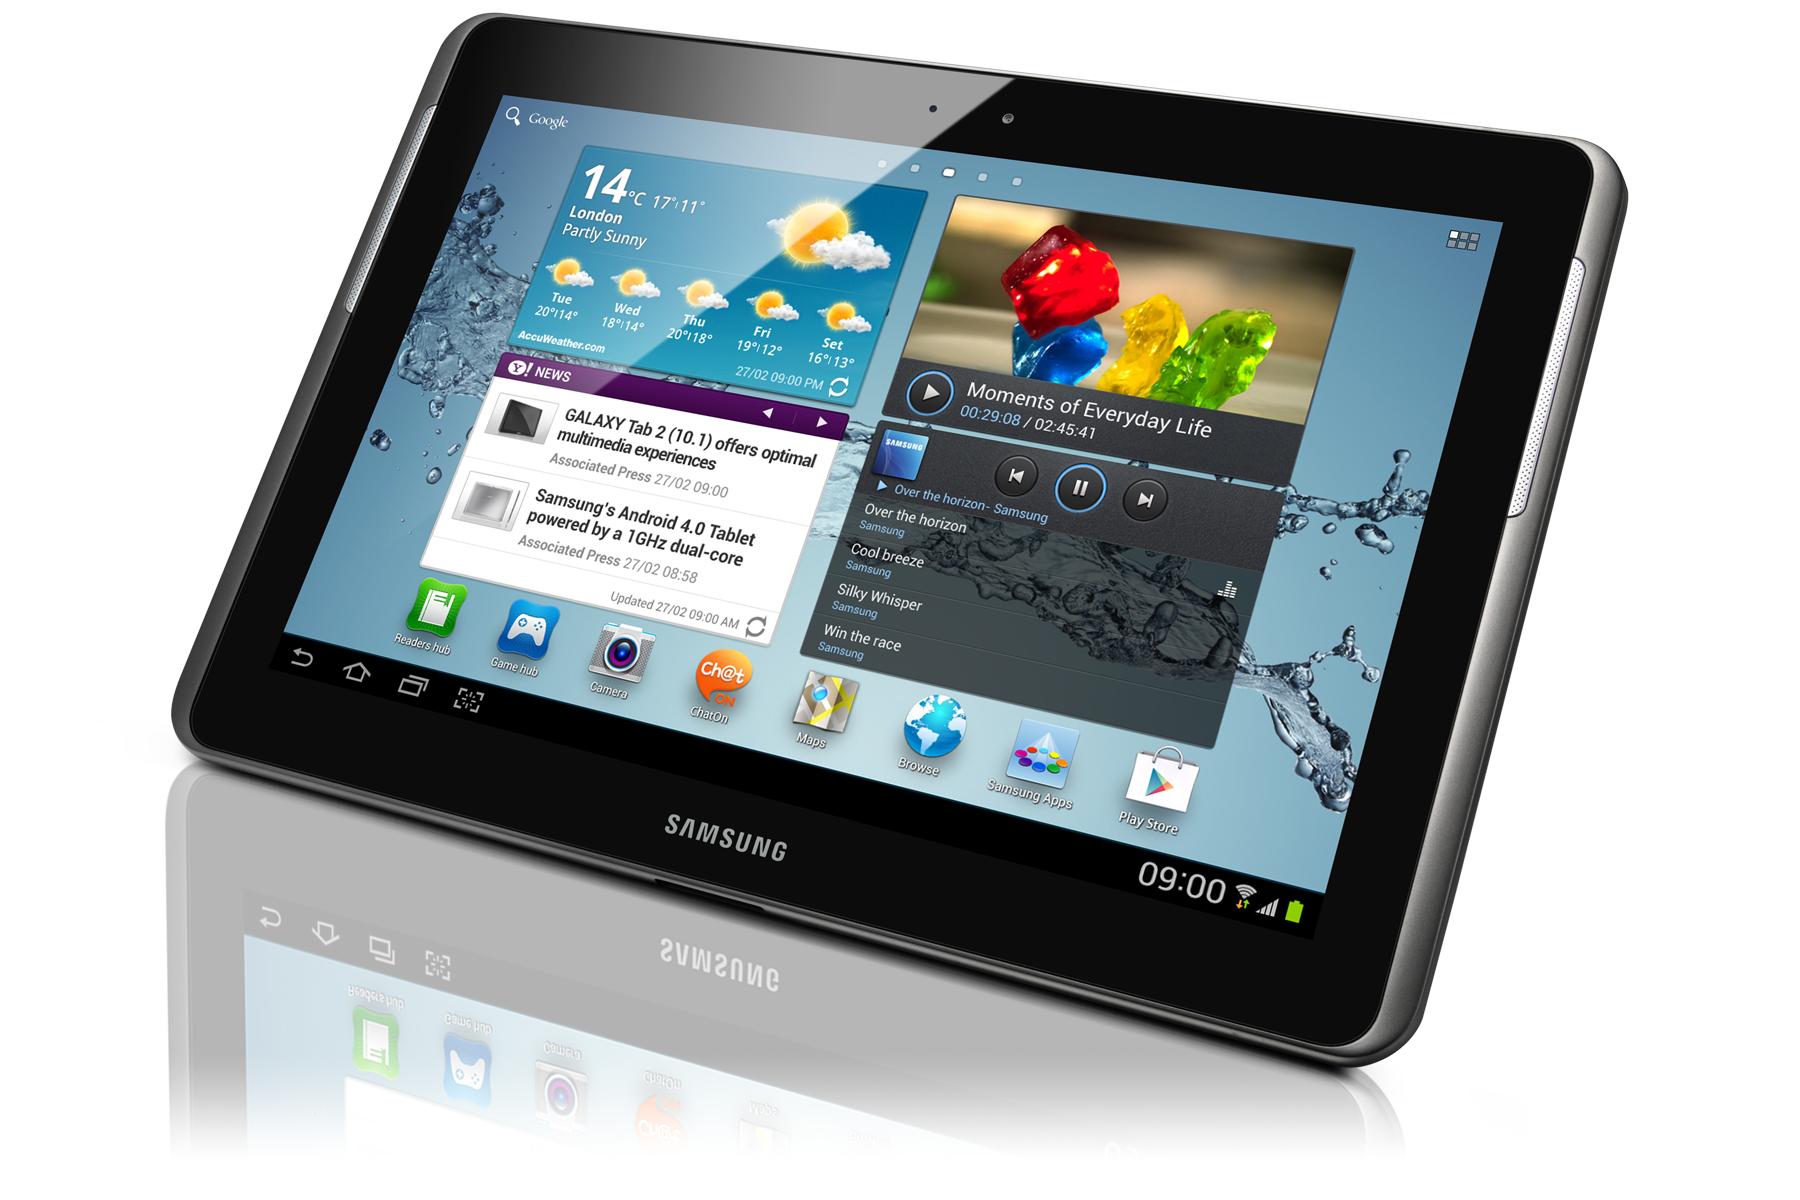 Galaxy Tab 2, um dos gadgets mais eficazes (Foto: Divulgação/Samsung) (Foto: Galaxy Tab 2, um dos gadgets mais eficazes (Foto: Divulgação/Samsung))